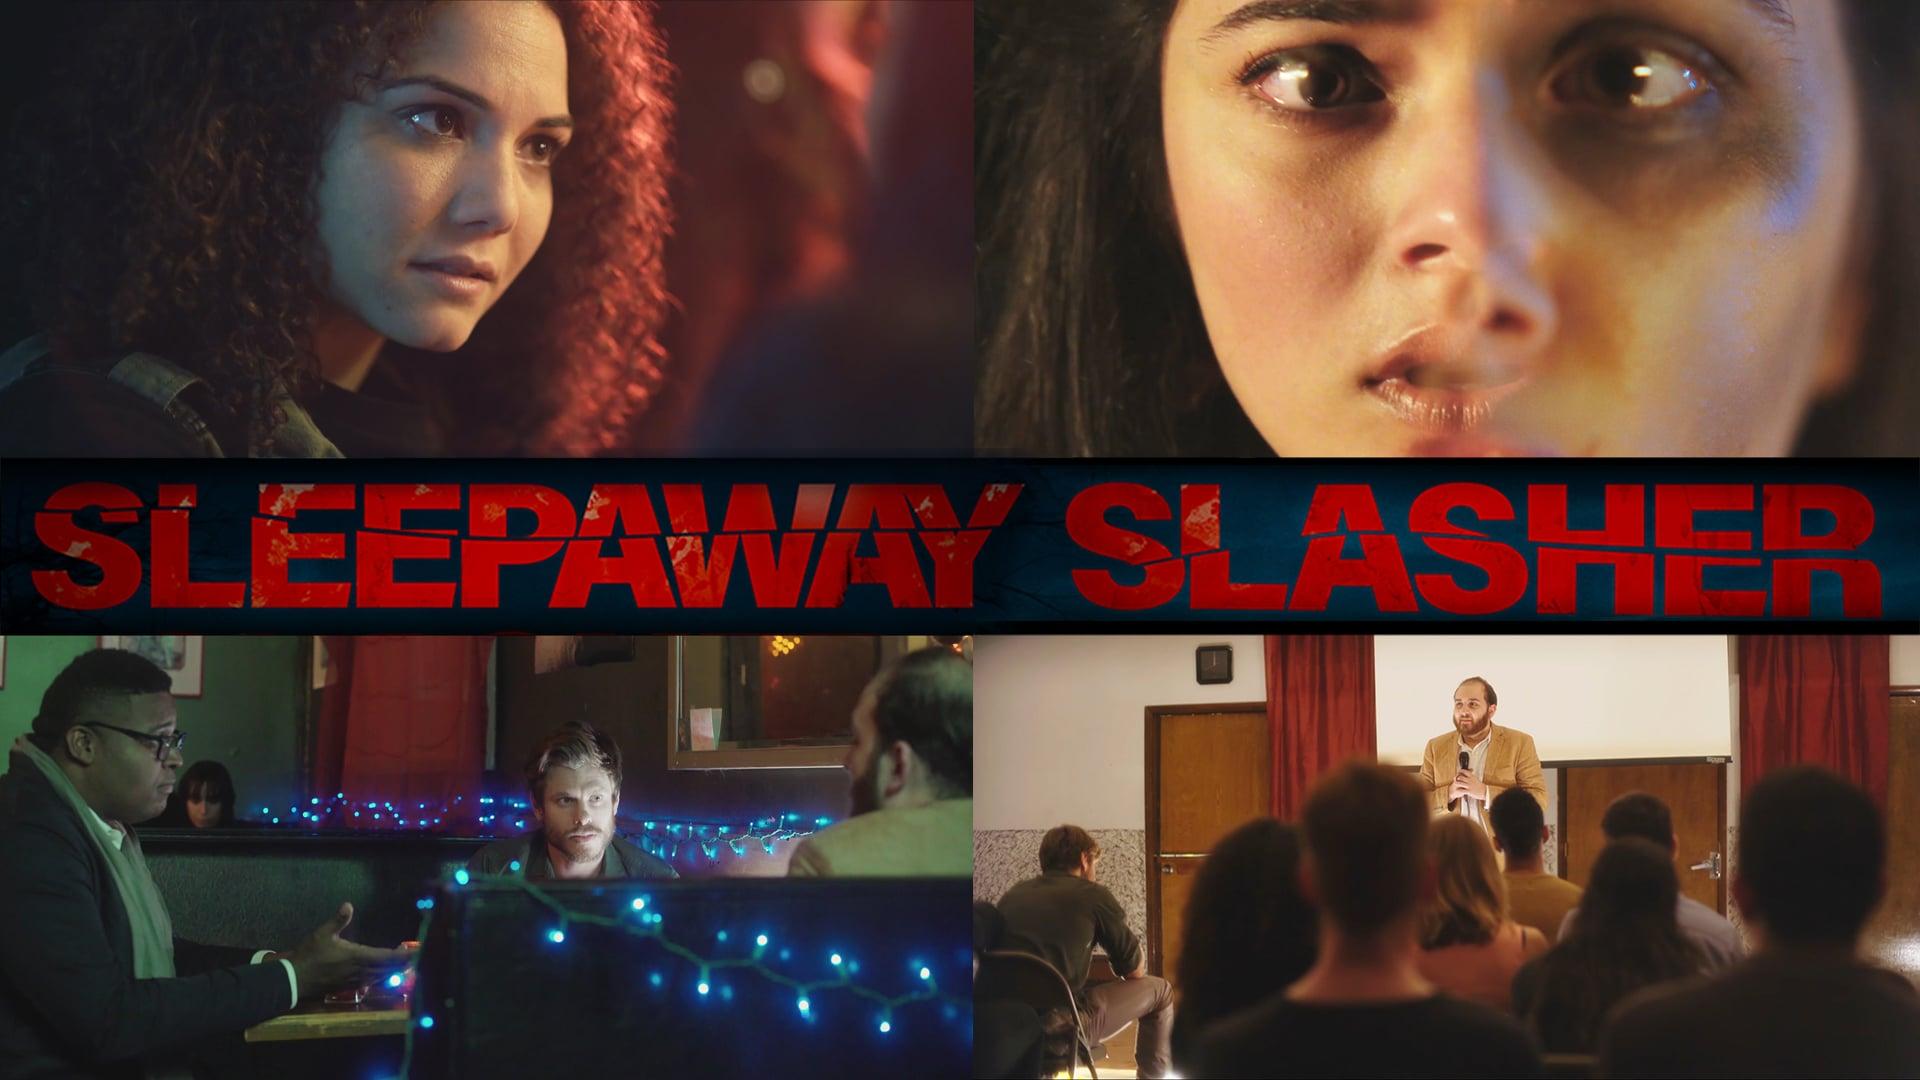 Sleepaway Slasher (Directing Excerpts)